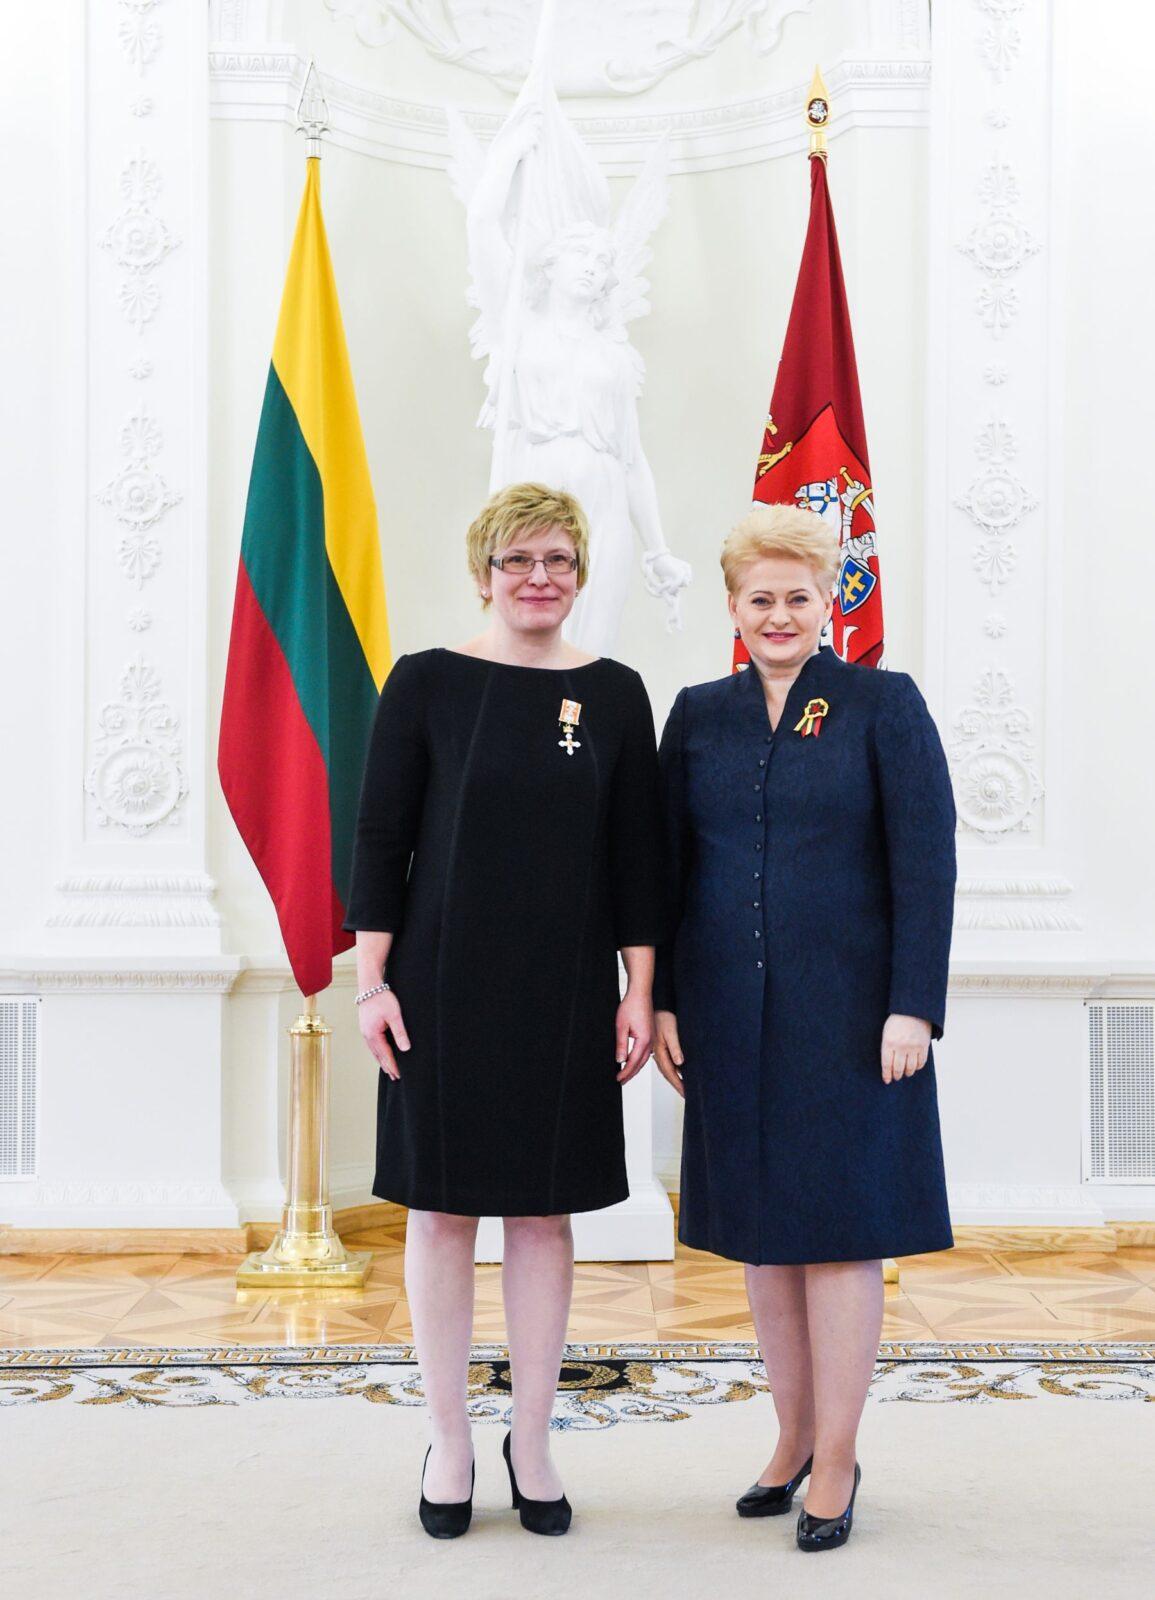 """D.Grybauskaitei ir I.Šimonytei pakvipo kalėjimu – europarlamentarė M.Starkevičiūtė jas apkaltino padarius Lietuvai milijardinę žalą, nes norėjo atrodyti """"žvaigždėmis"""""""